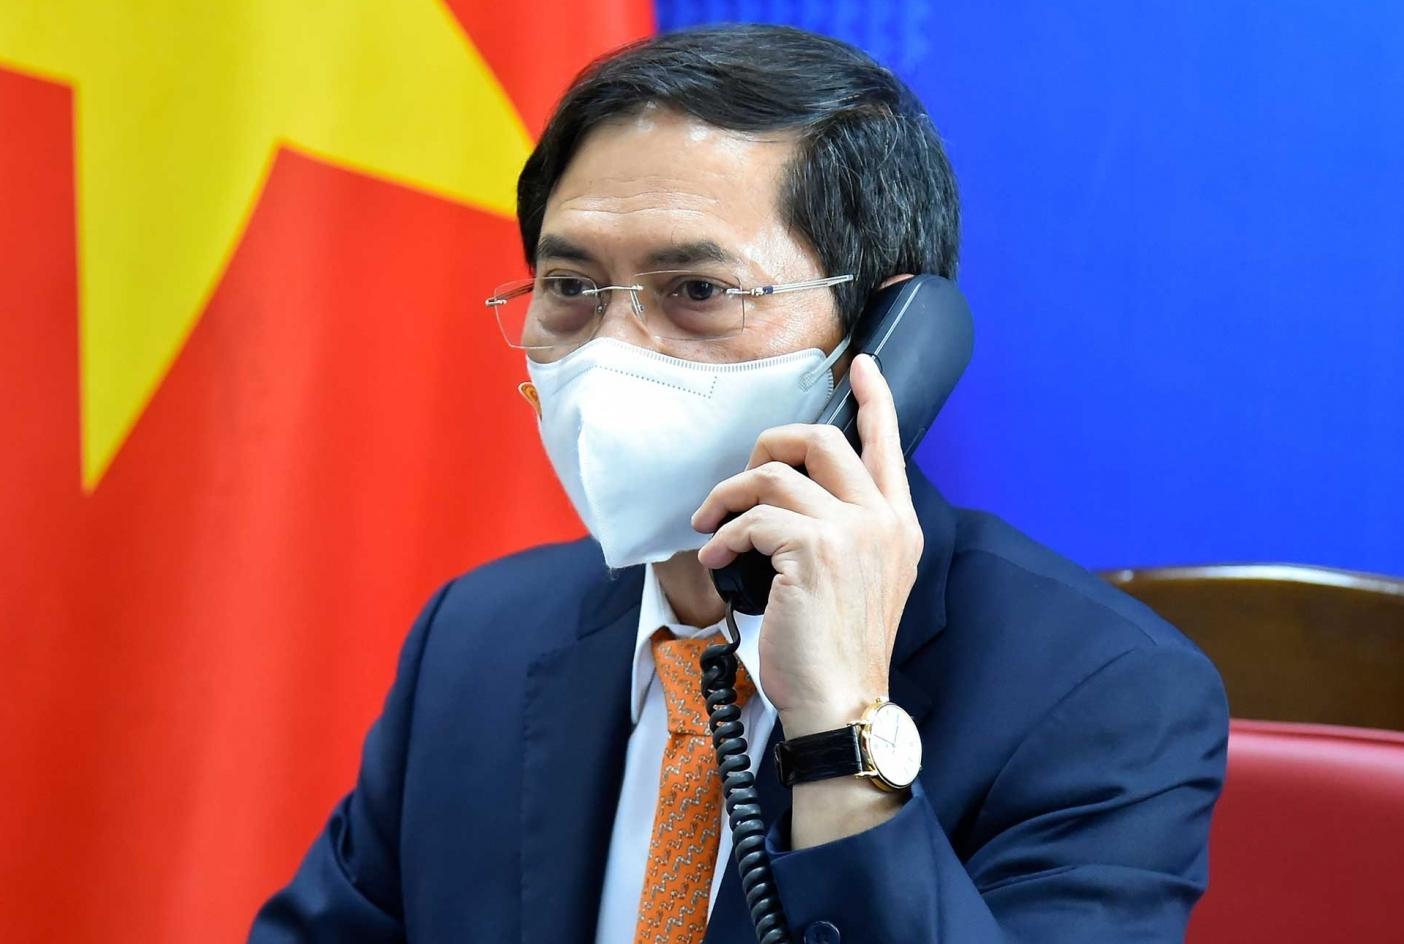 Bộ trưởng Ngoại giao Bùi Thanh Sơn điện đàm với Phó Thủ tướng, Bộ trưởng Ngoại giao Thái Lan